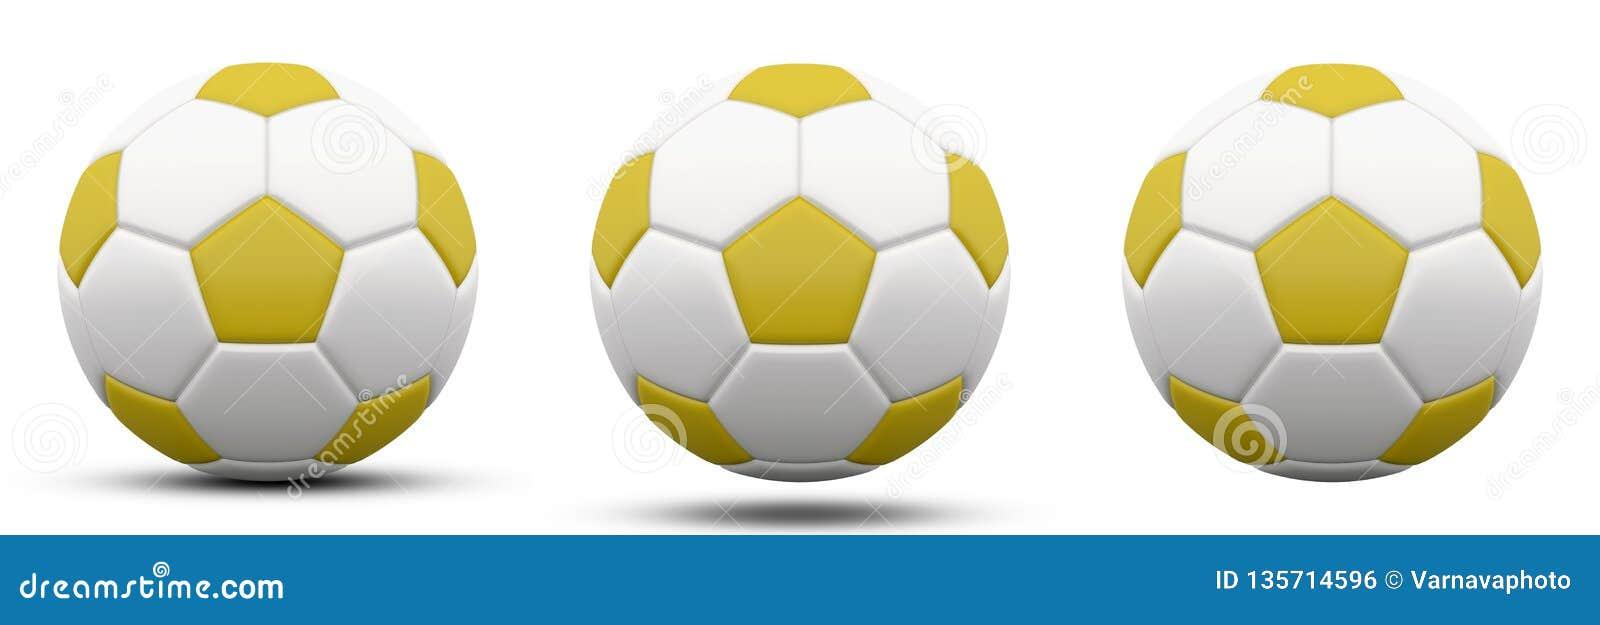 Желтый и белый футбольный мяч в 3 версиях, с и без тени Изолировано на белизне 3d представляют